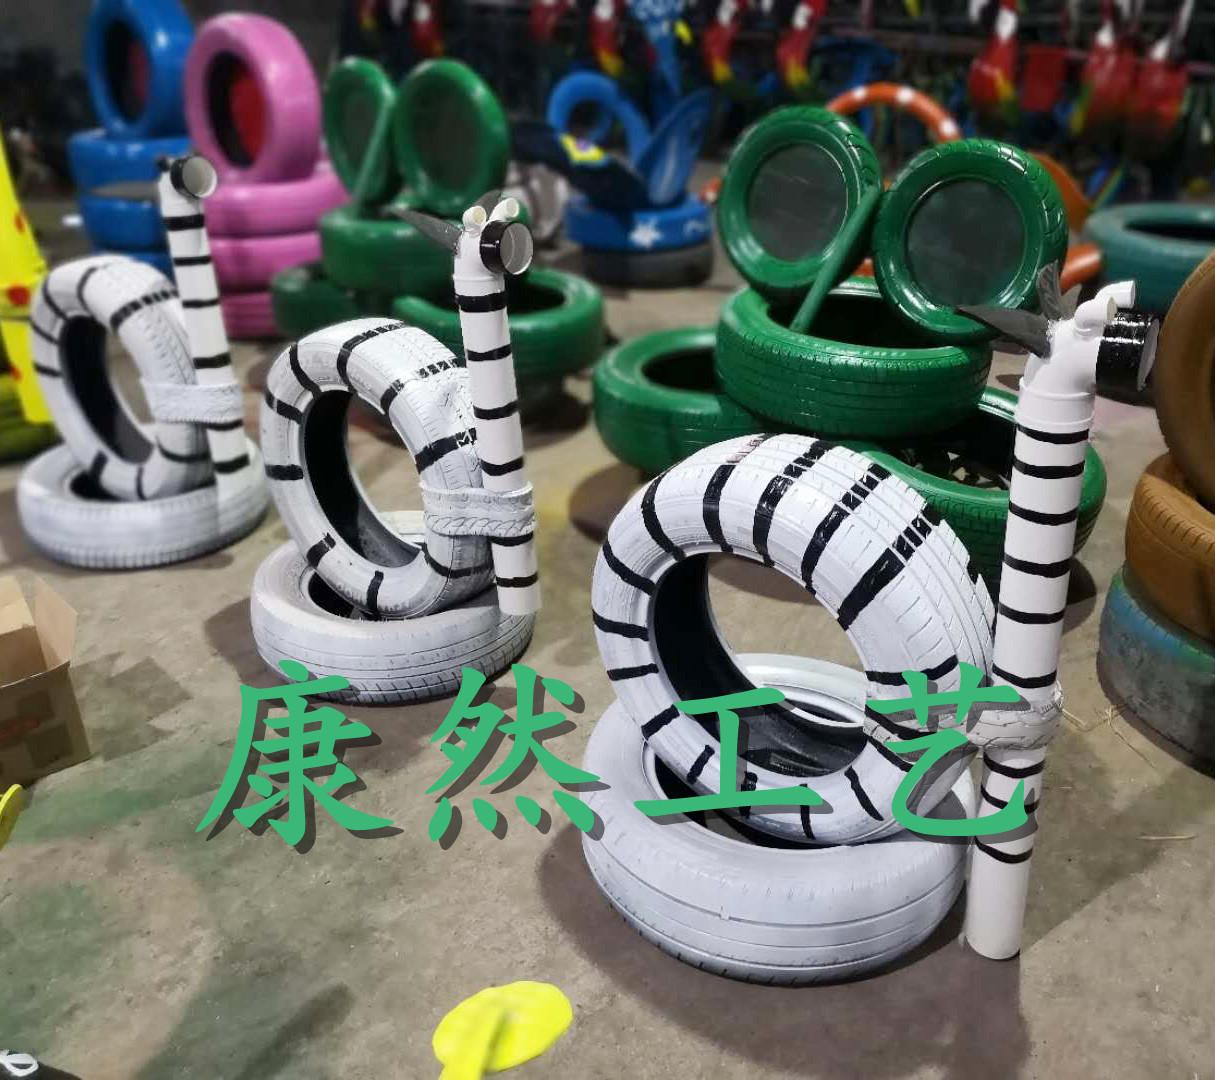 废旧轮胎工艺品轮胎艺术品废弃旧轮胎装饰轮胎创意造型轮胎雕塑图片